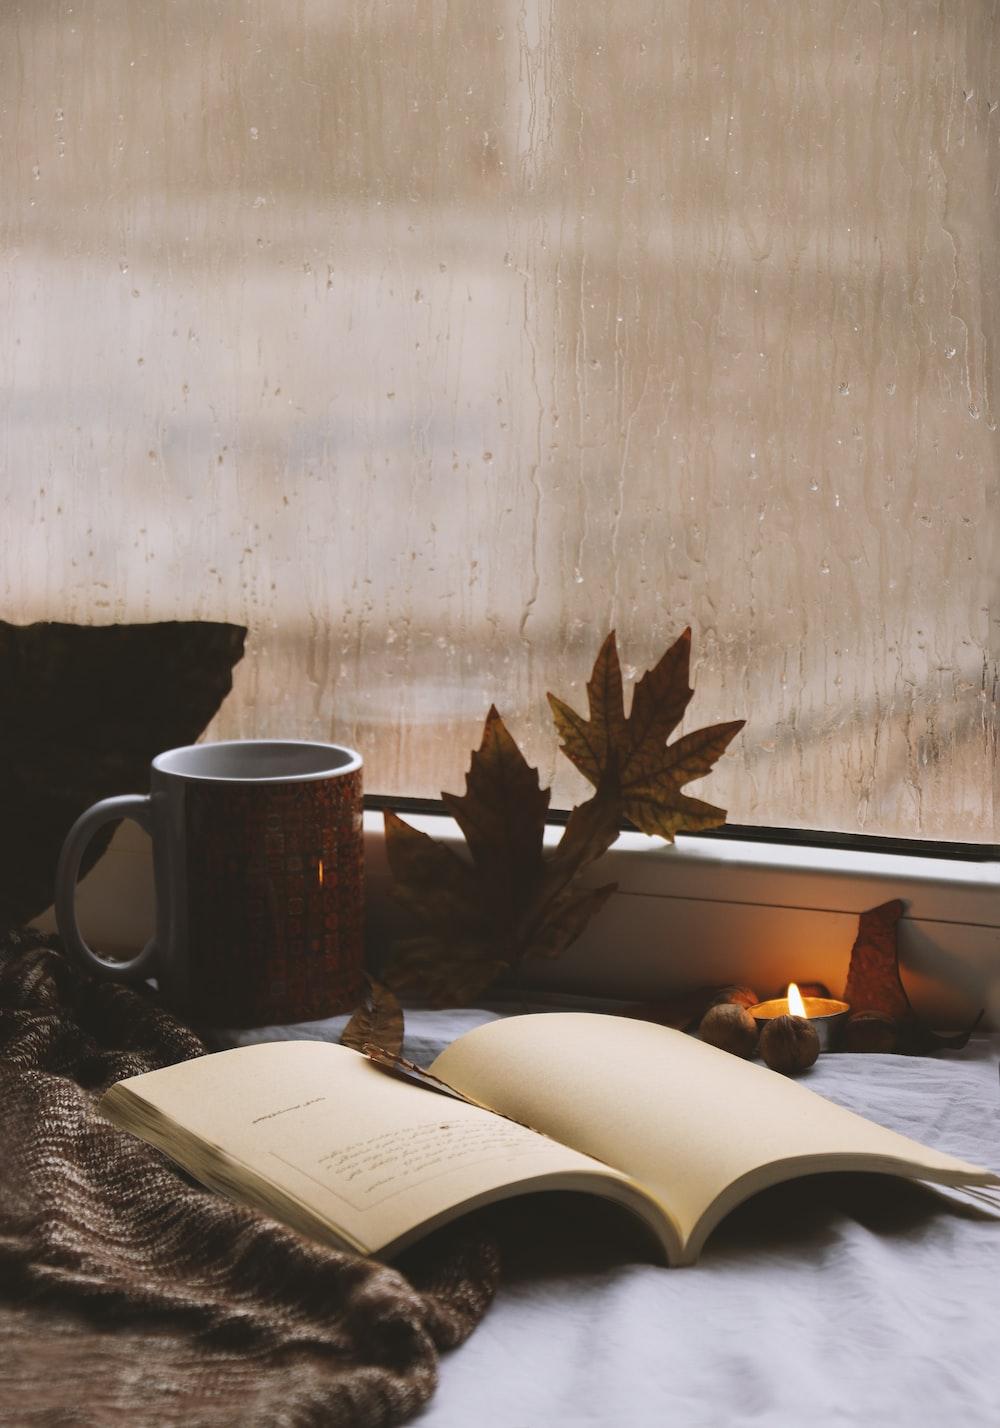 opened book beside white ceramic mug on table